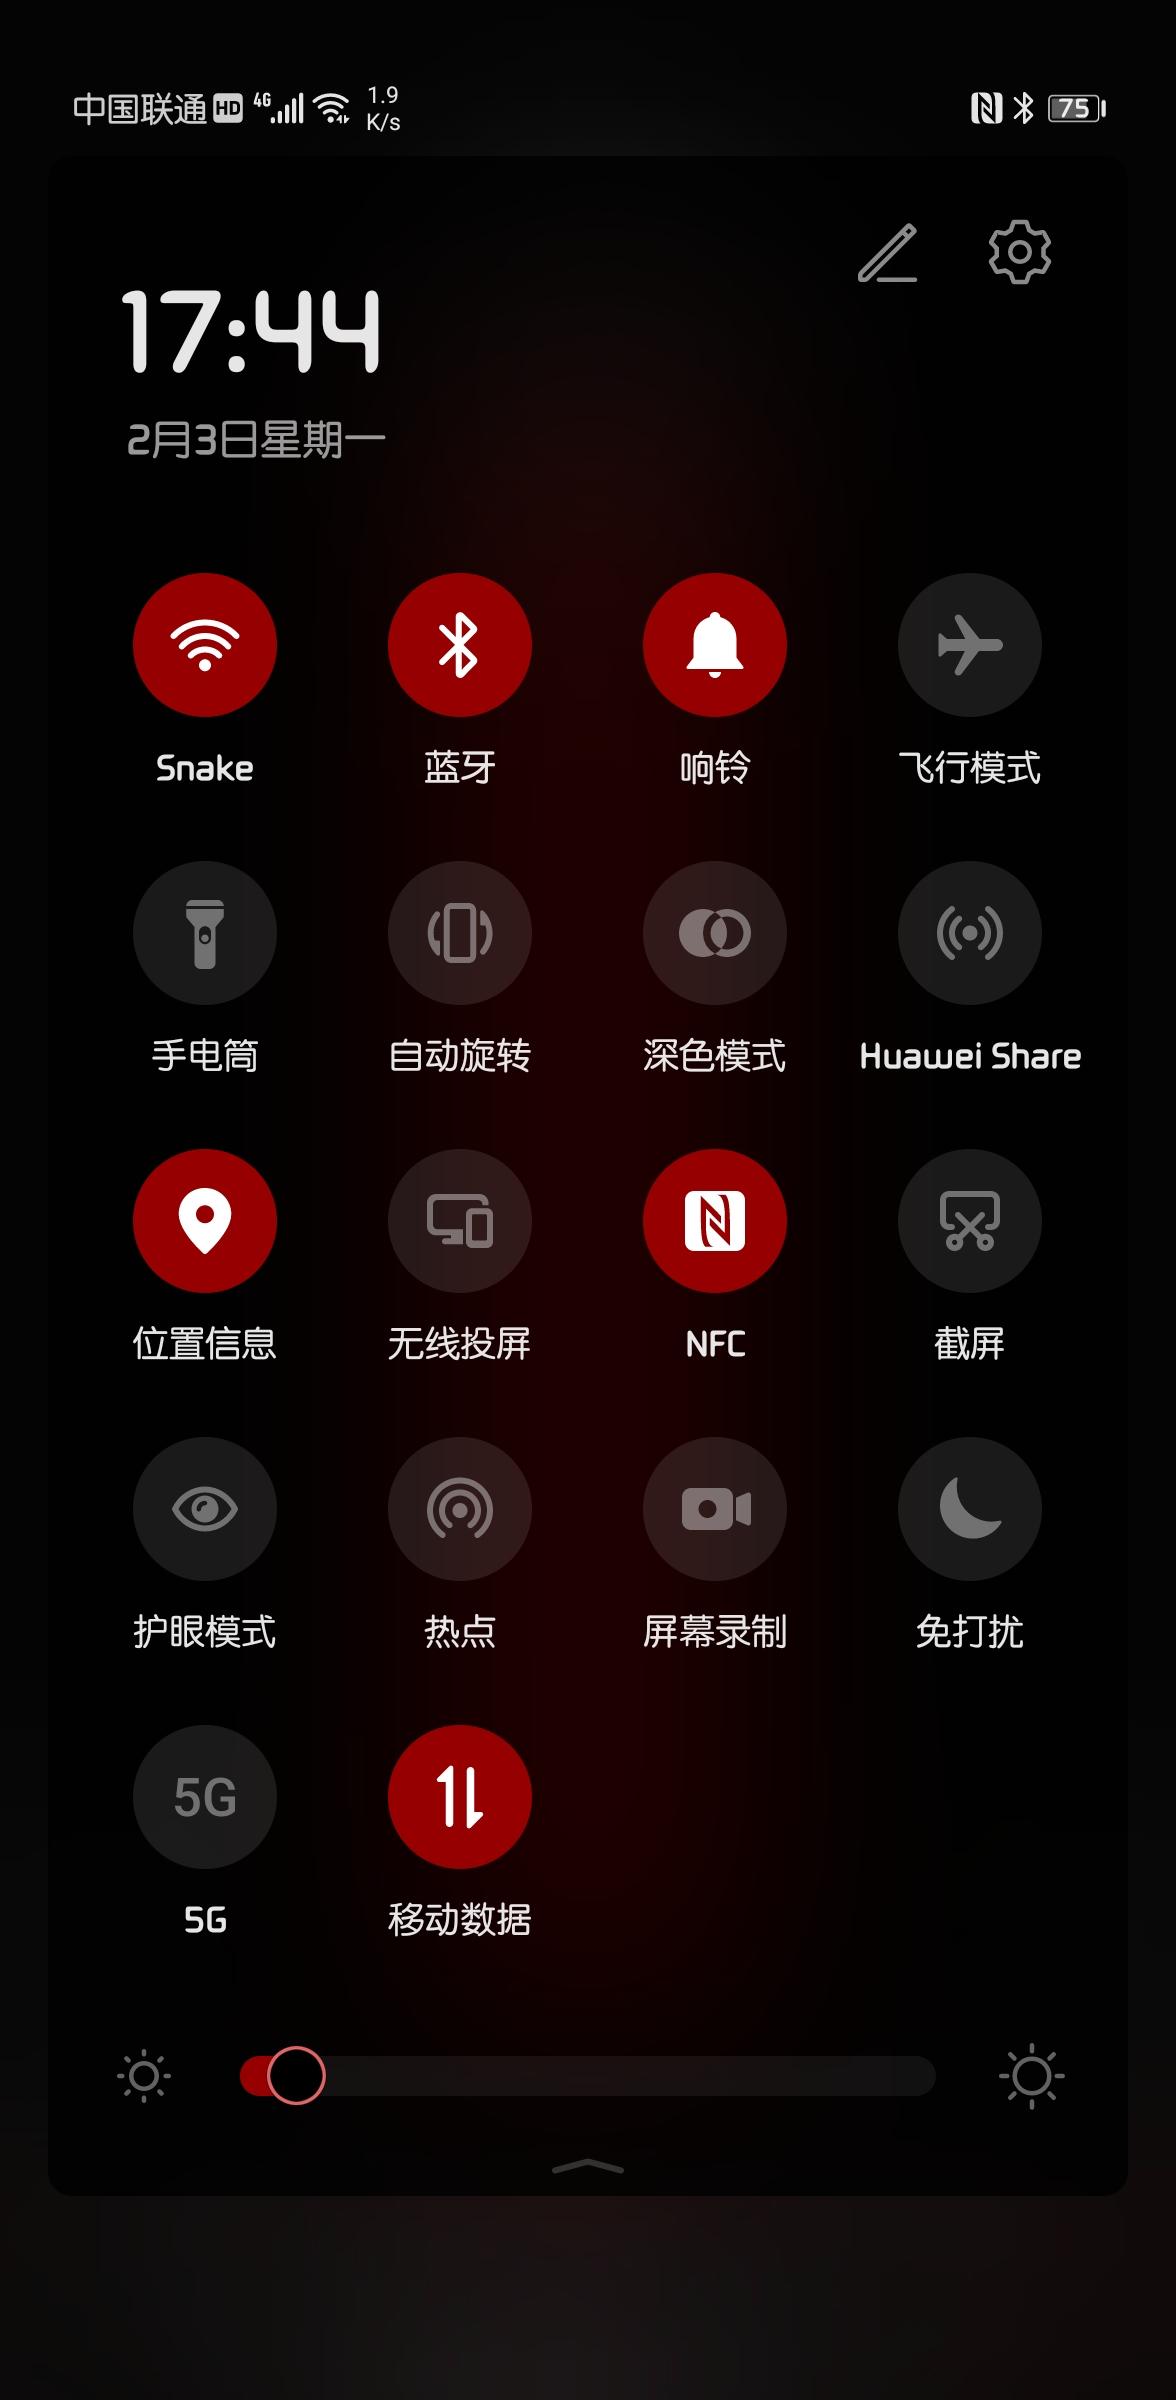 Screenshot_20200203_174428_com.huawei.android.launcher.jpg